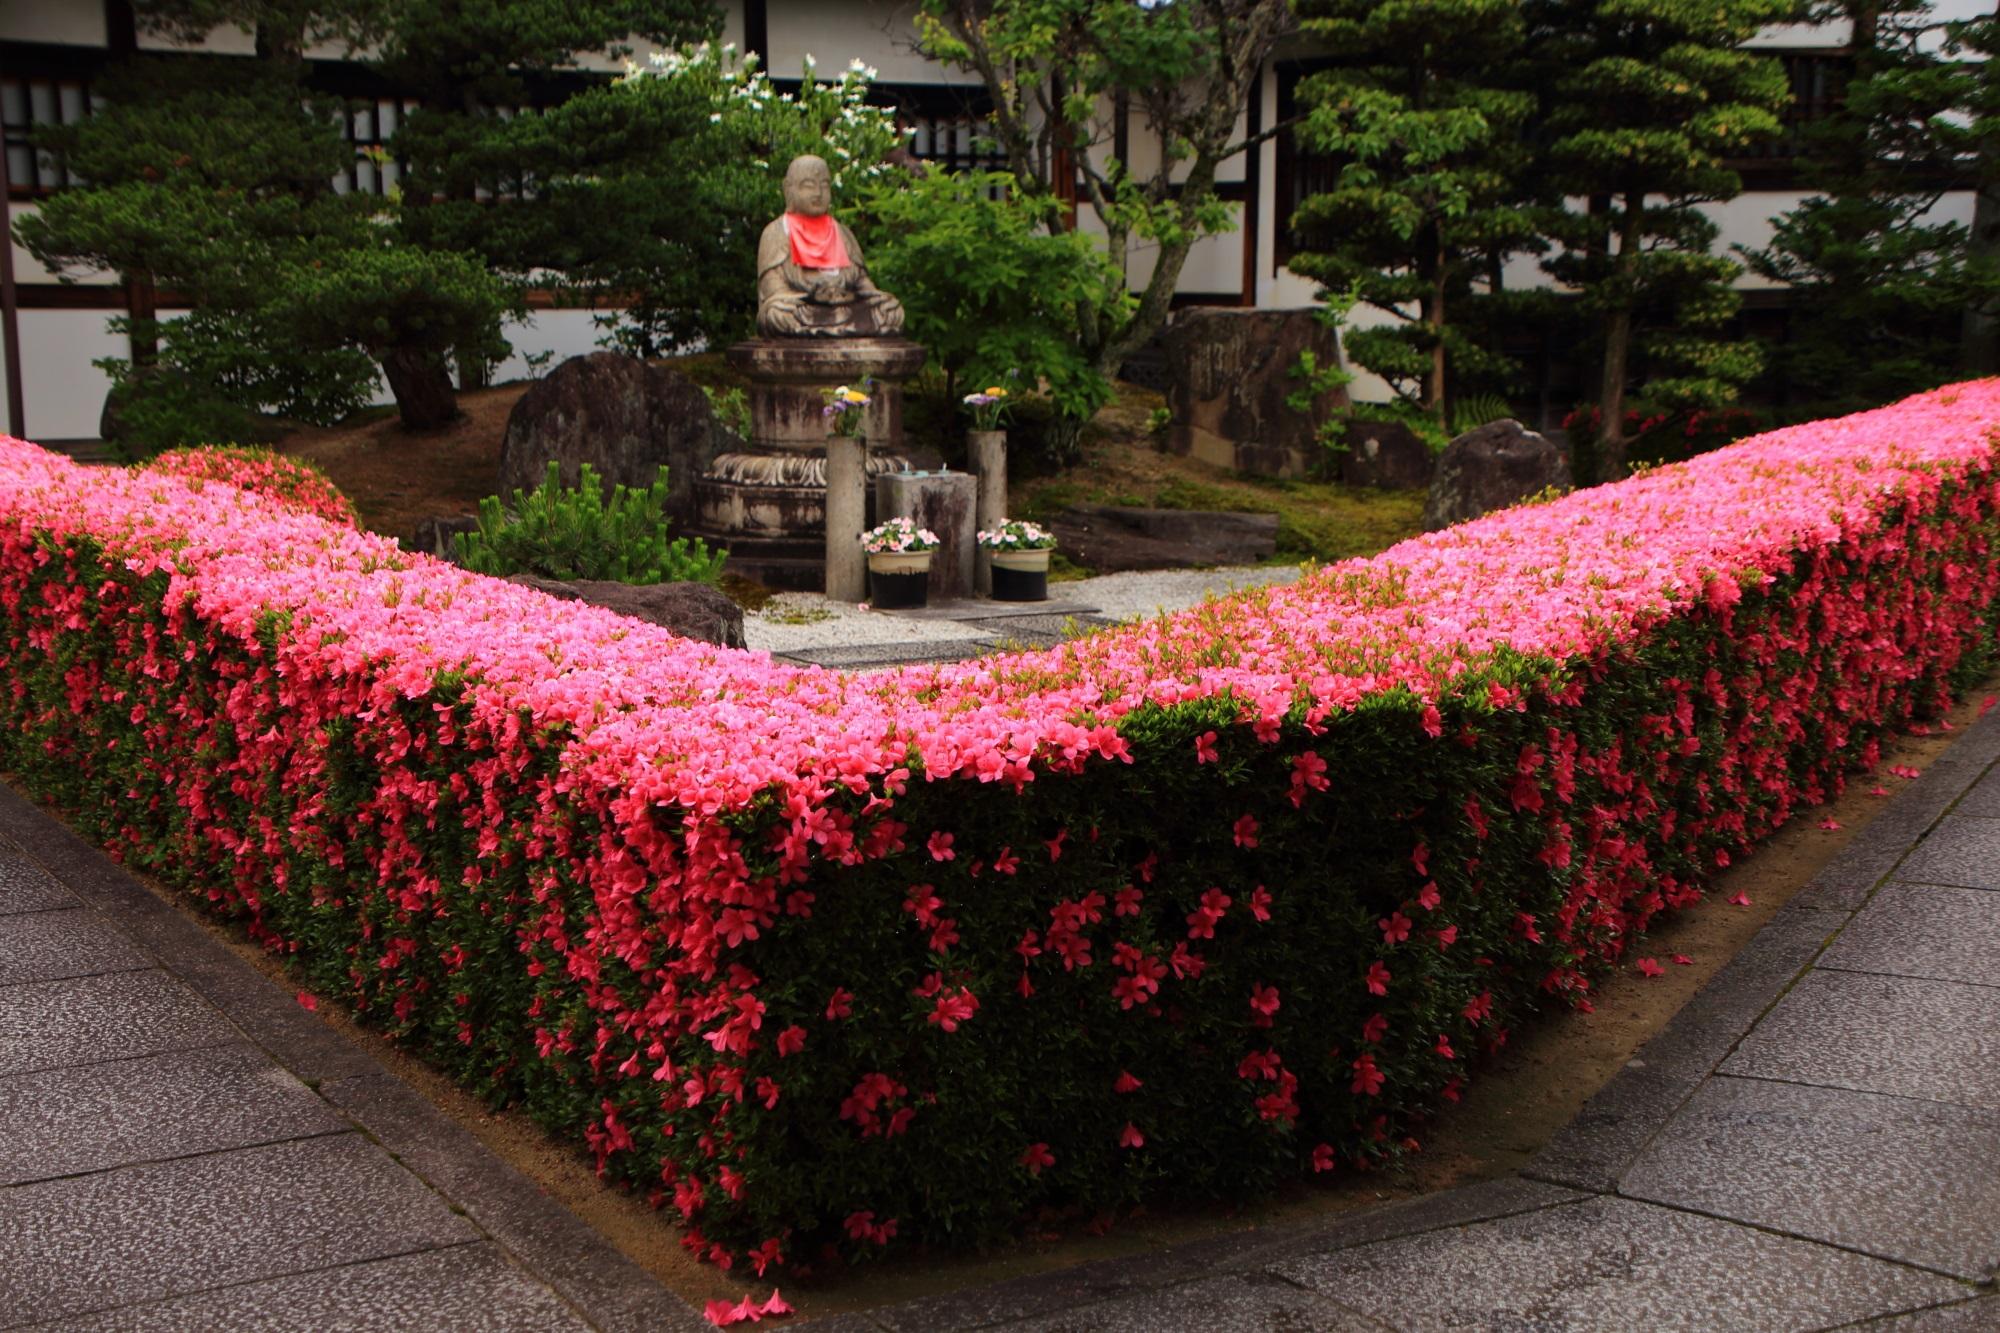 満開のピンクのサツキにつつまれる春の妙心寺の慈雲院(じうんいん)